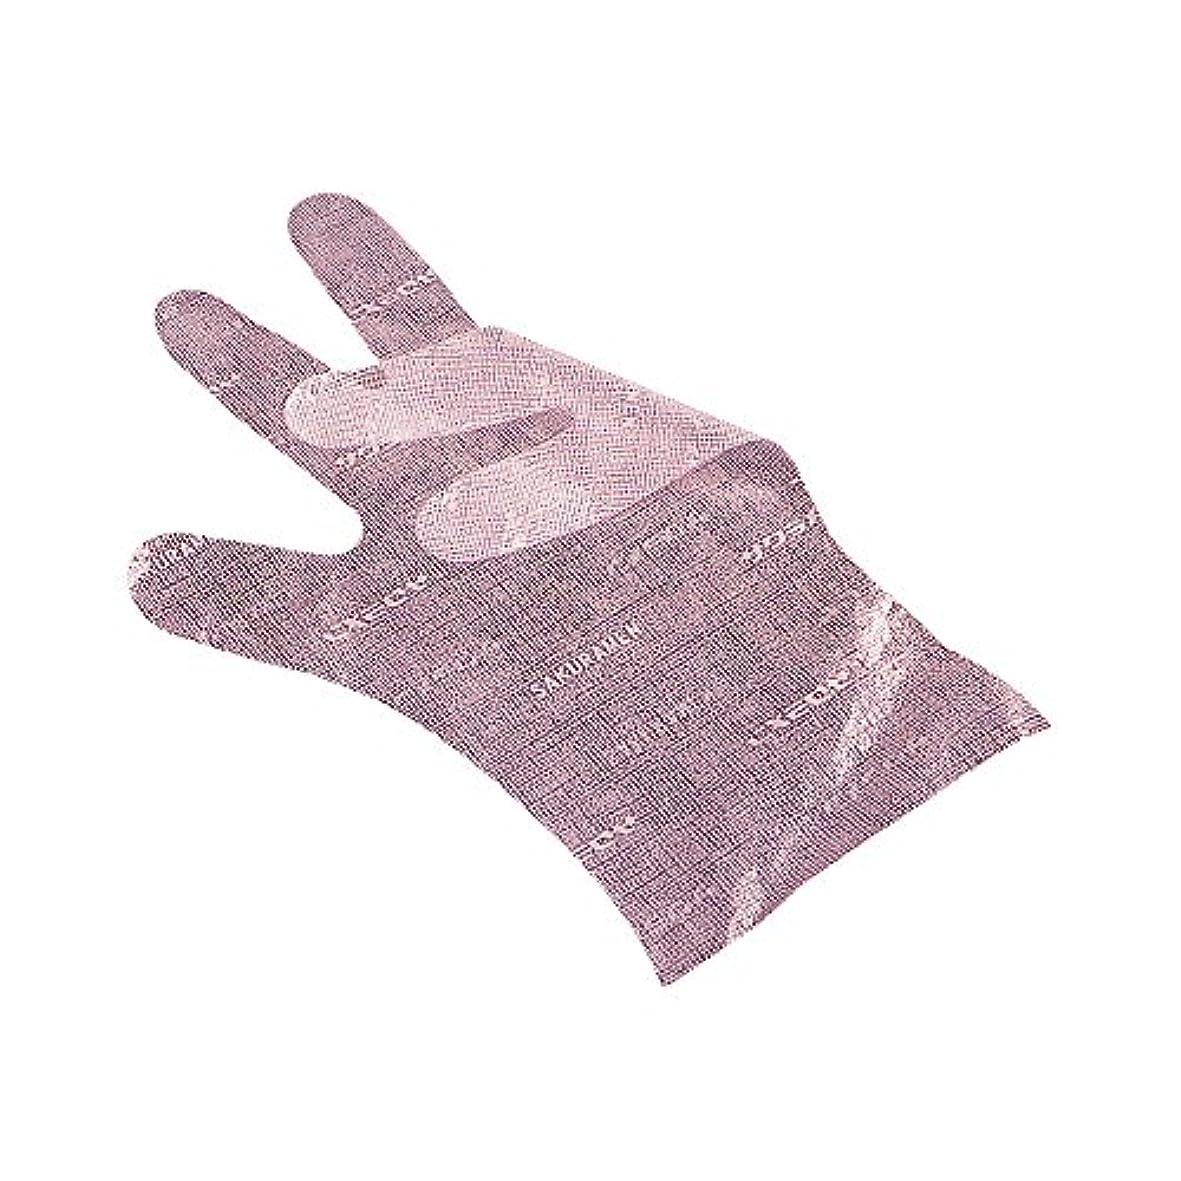 巡礼者率直なテスピアンサクラメンエンボス手袋 デラックス ピンク L 100枚入